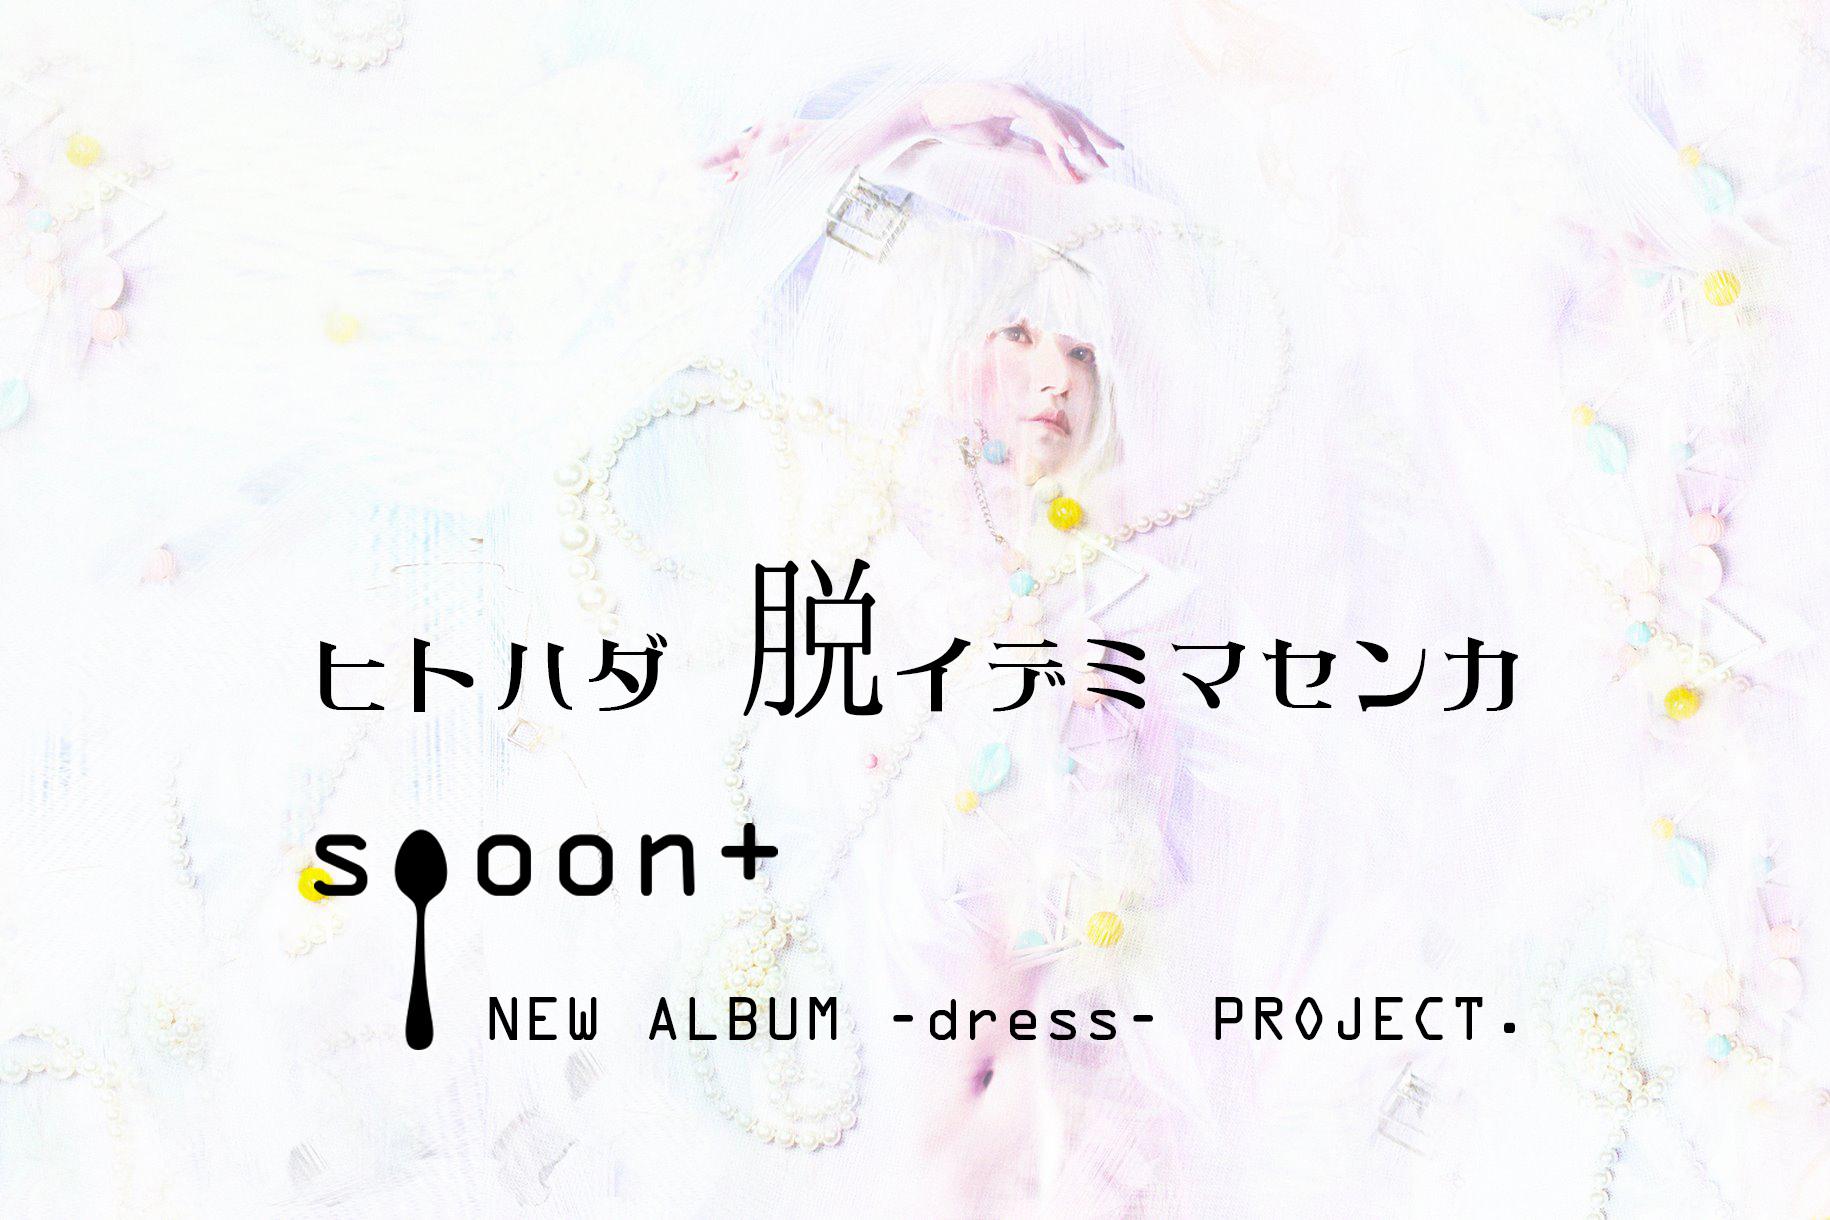 ■■音楽を着て、服を聴く■■spoon+ NEWALBUM「dress」制作プロジェクト■■ヒトハダ脱イデミマセンカ?■■